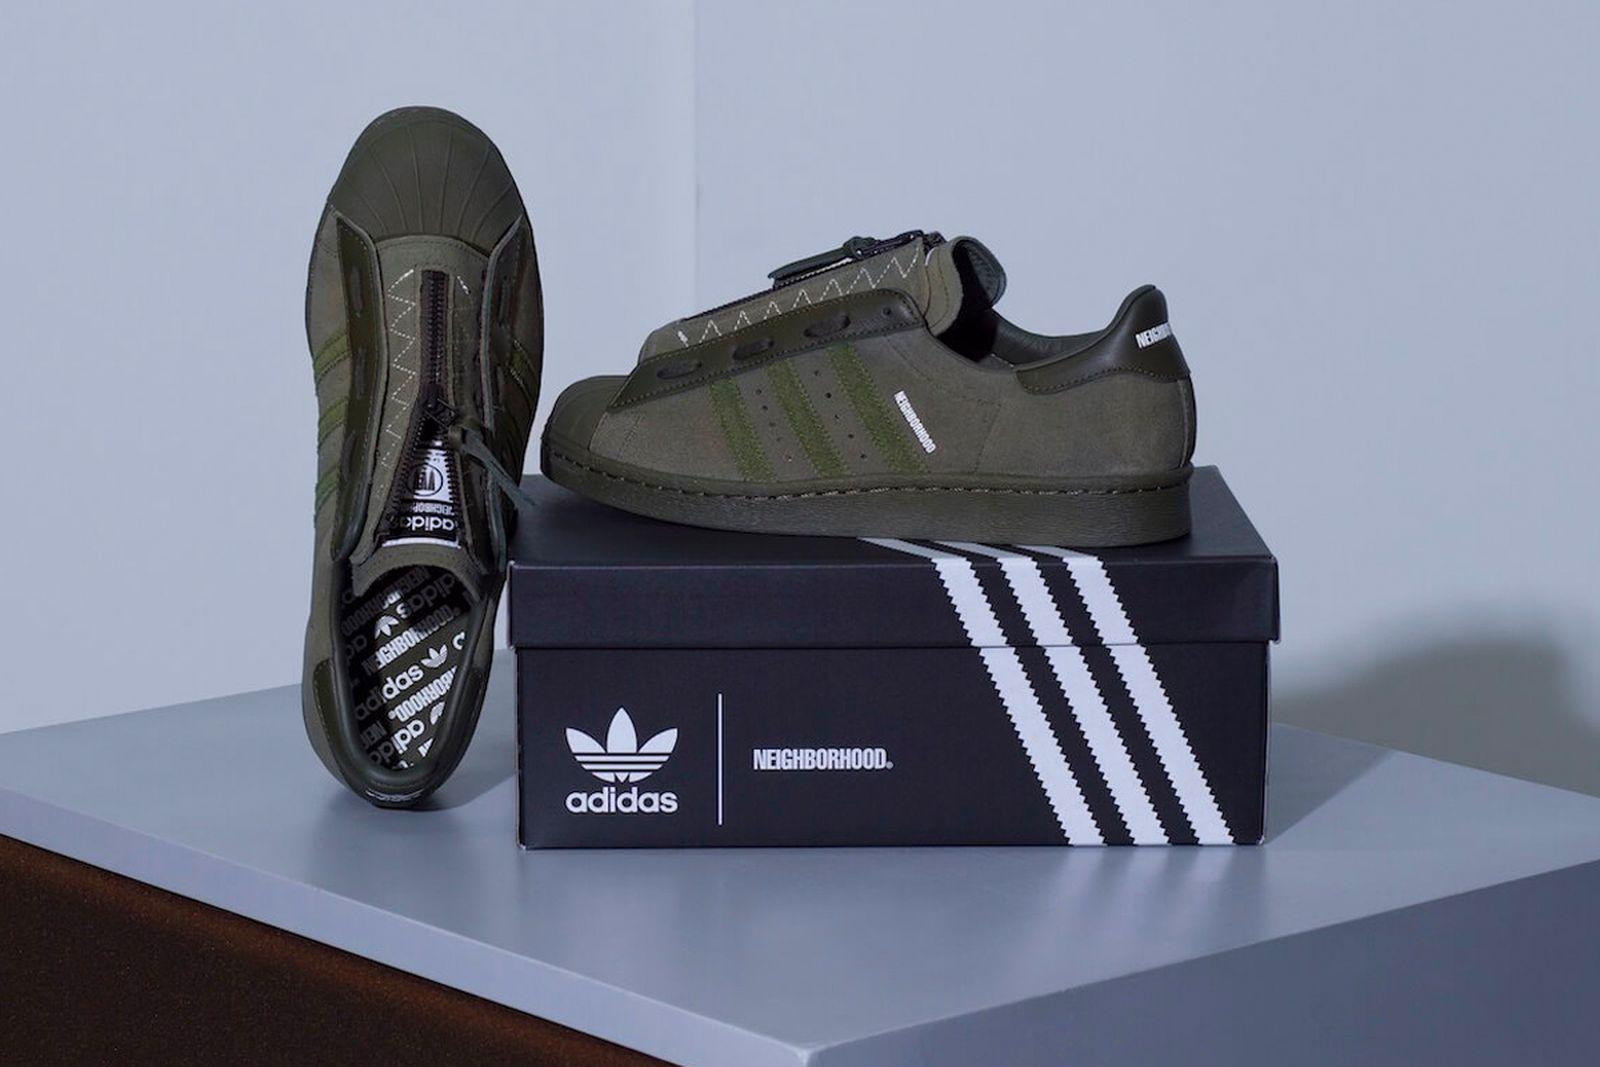 neighborhood-adidas-originals-superstar-80s-release-info-13